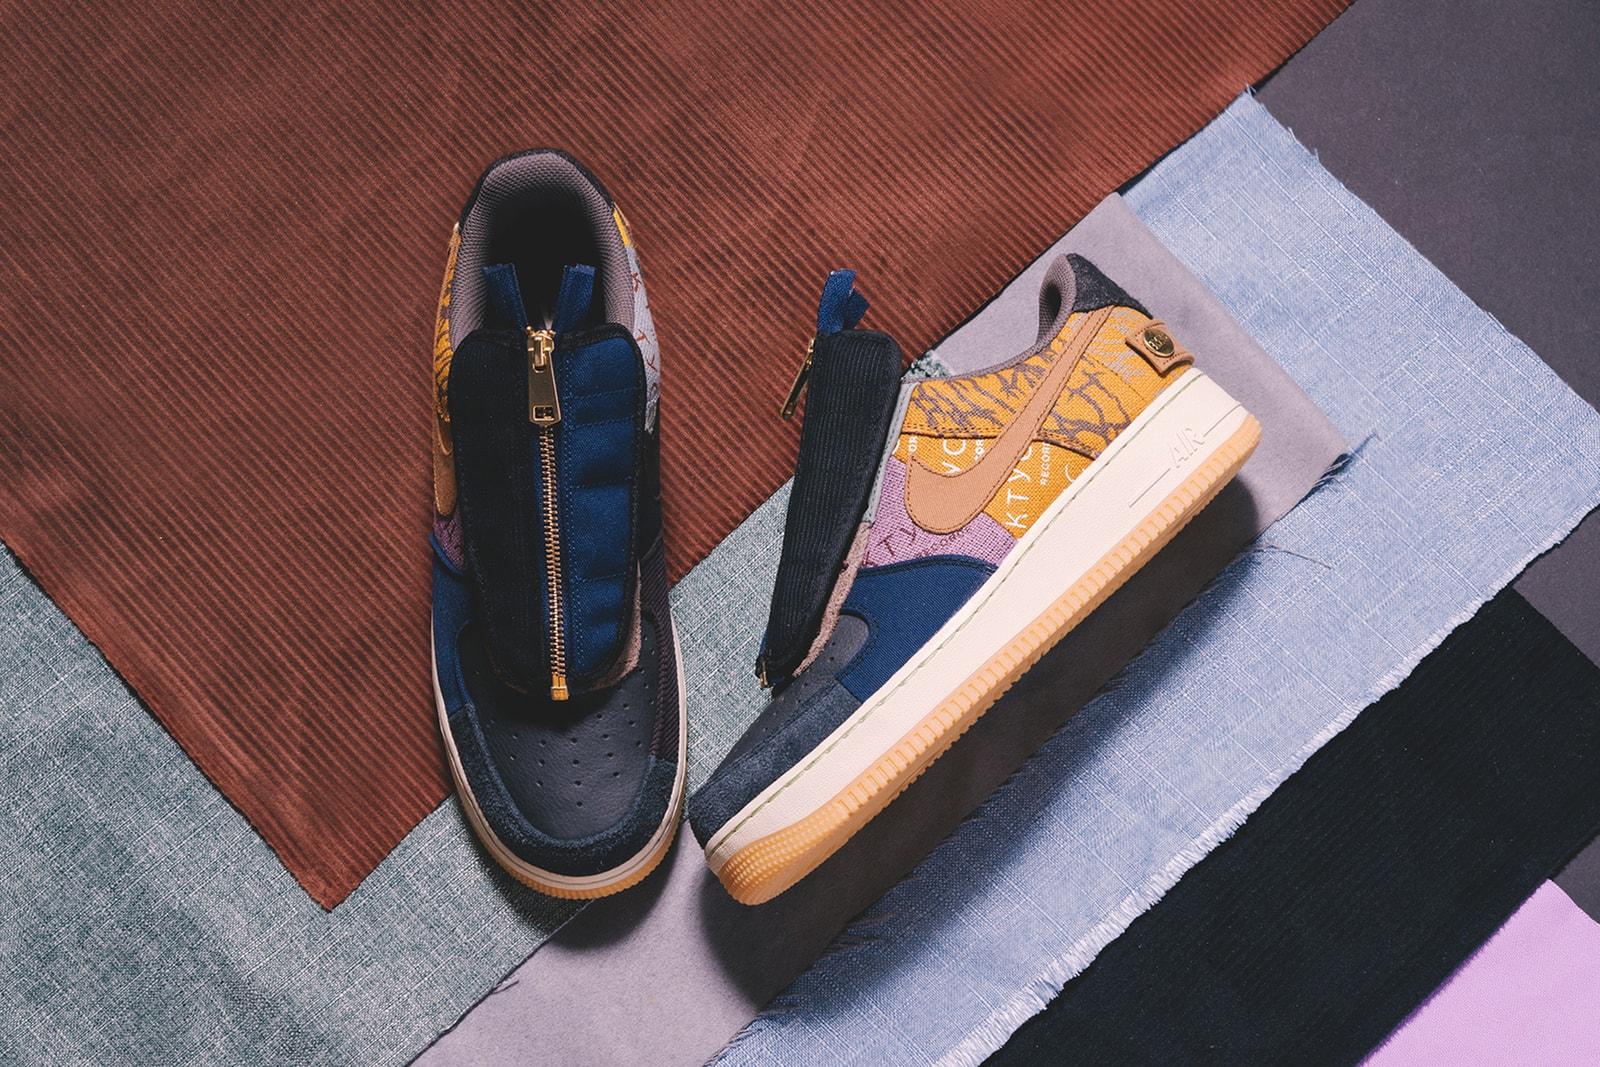 HYPEBEAST 公布读者票选 Top 10 Sneaker of 2019